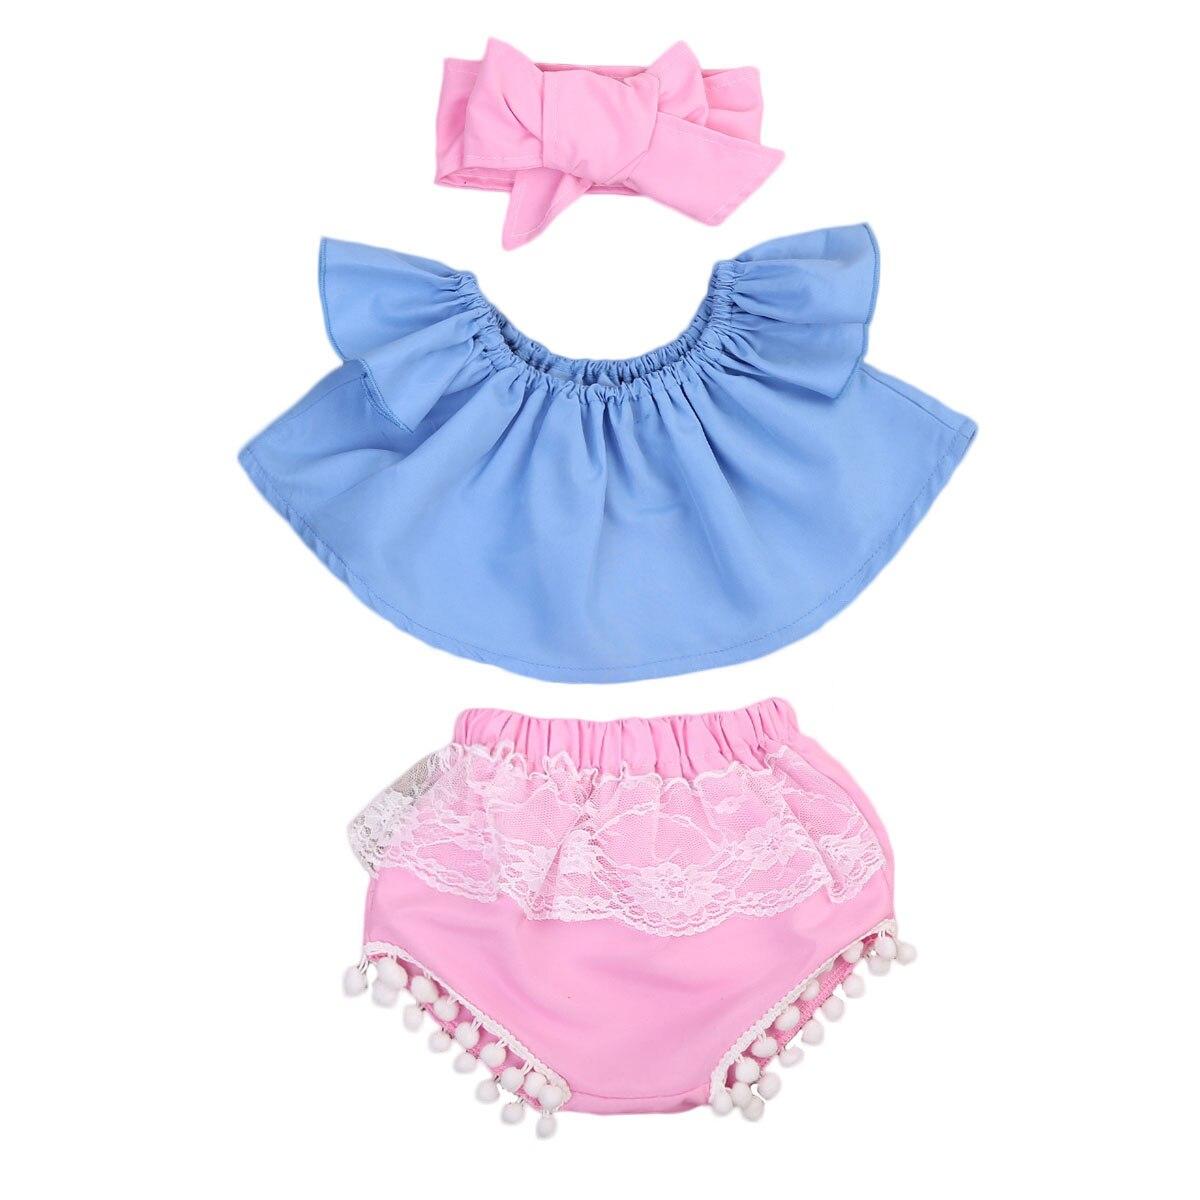 3 шт. для маленьких девочек рюшами с плеча майка + E Шорты + повязка на голову одежда в загородном стиле комплект